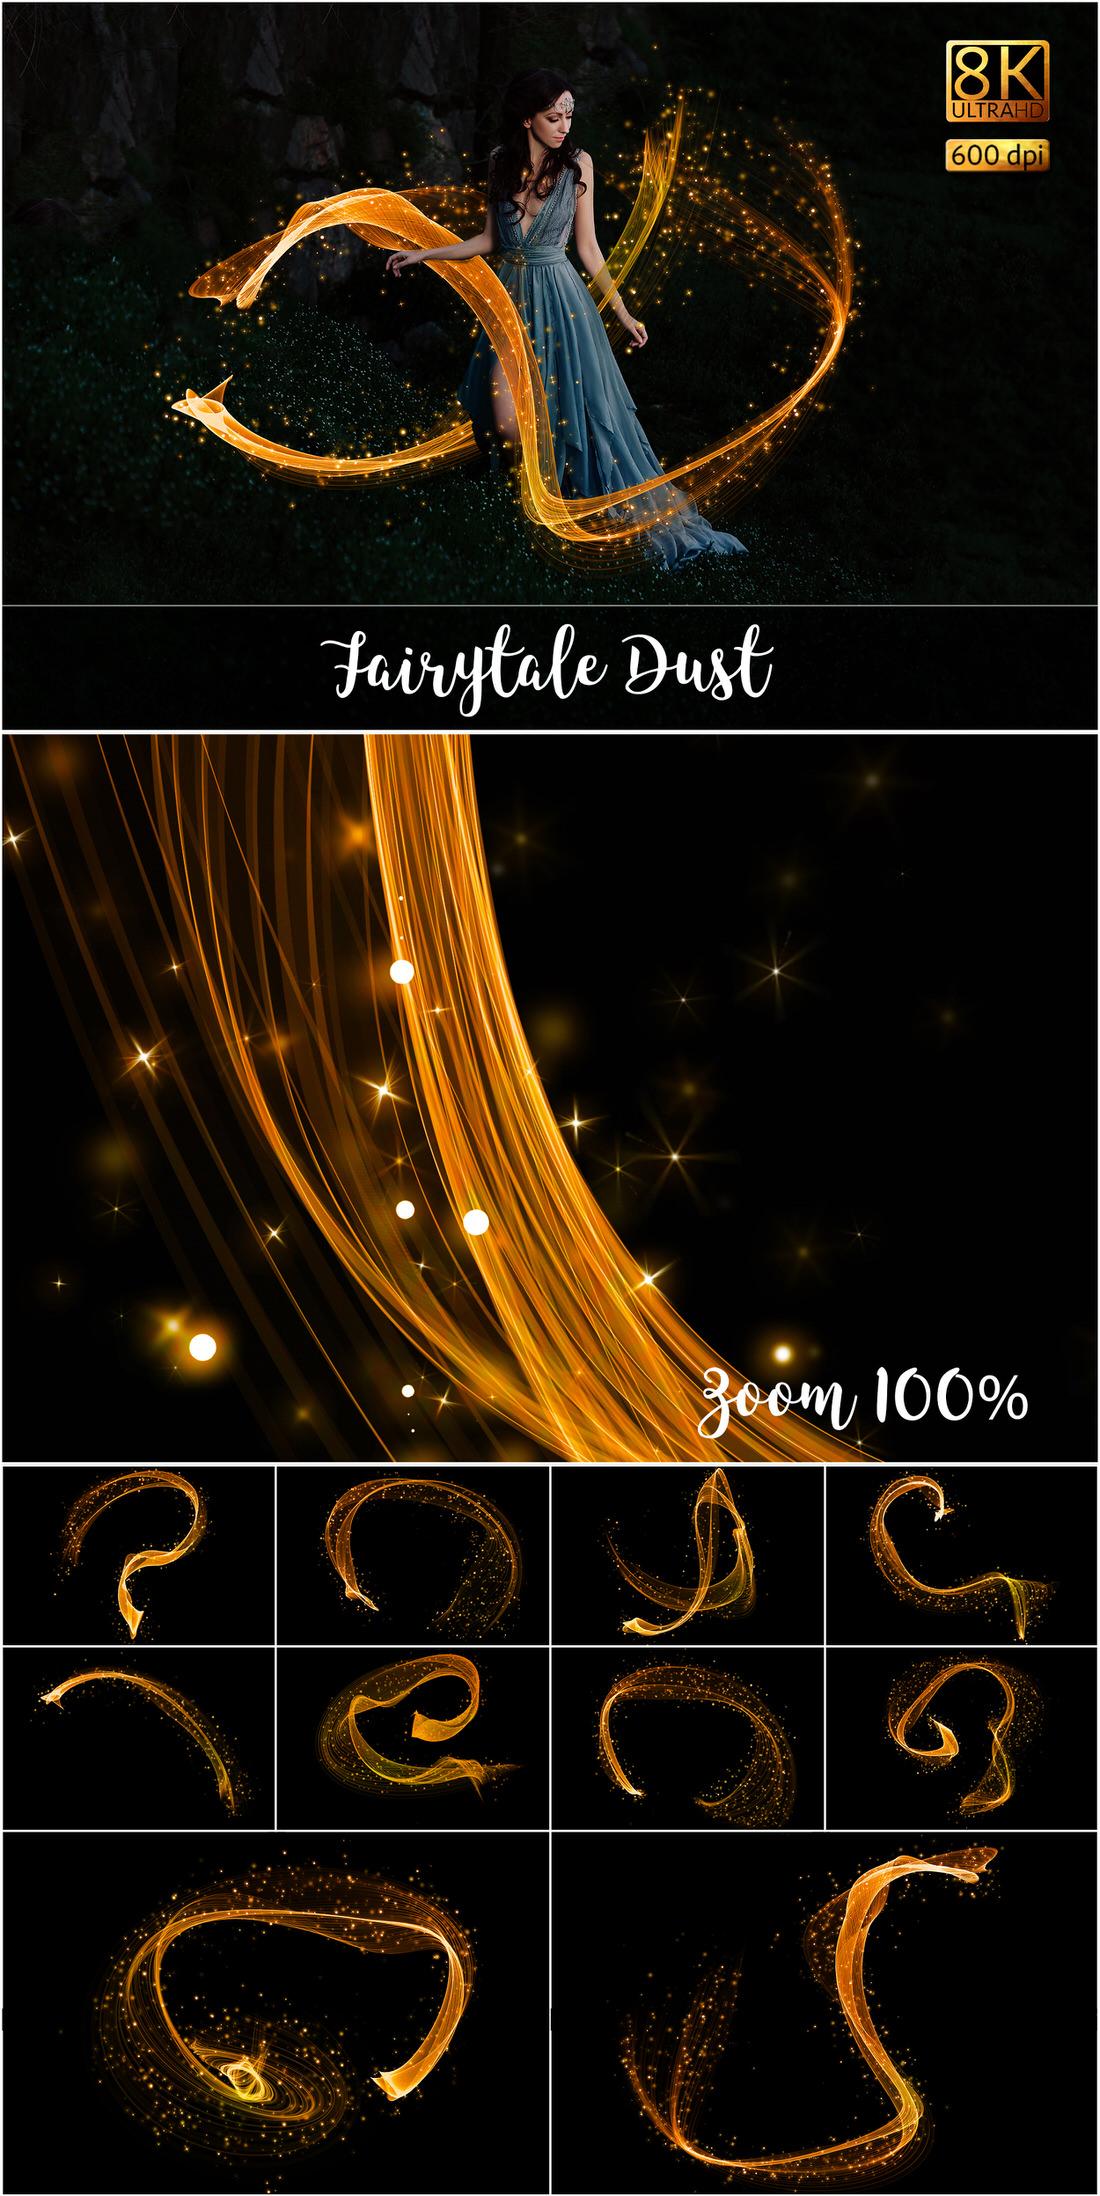 FAairytale Dust.jpg